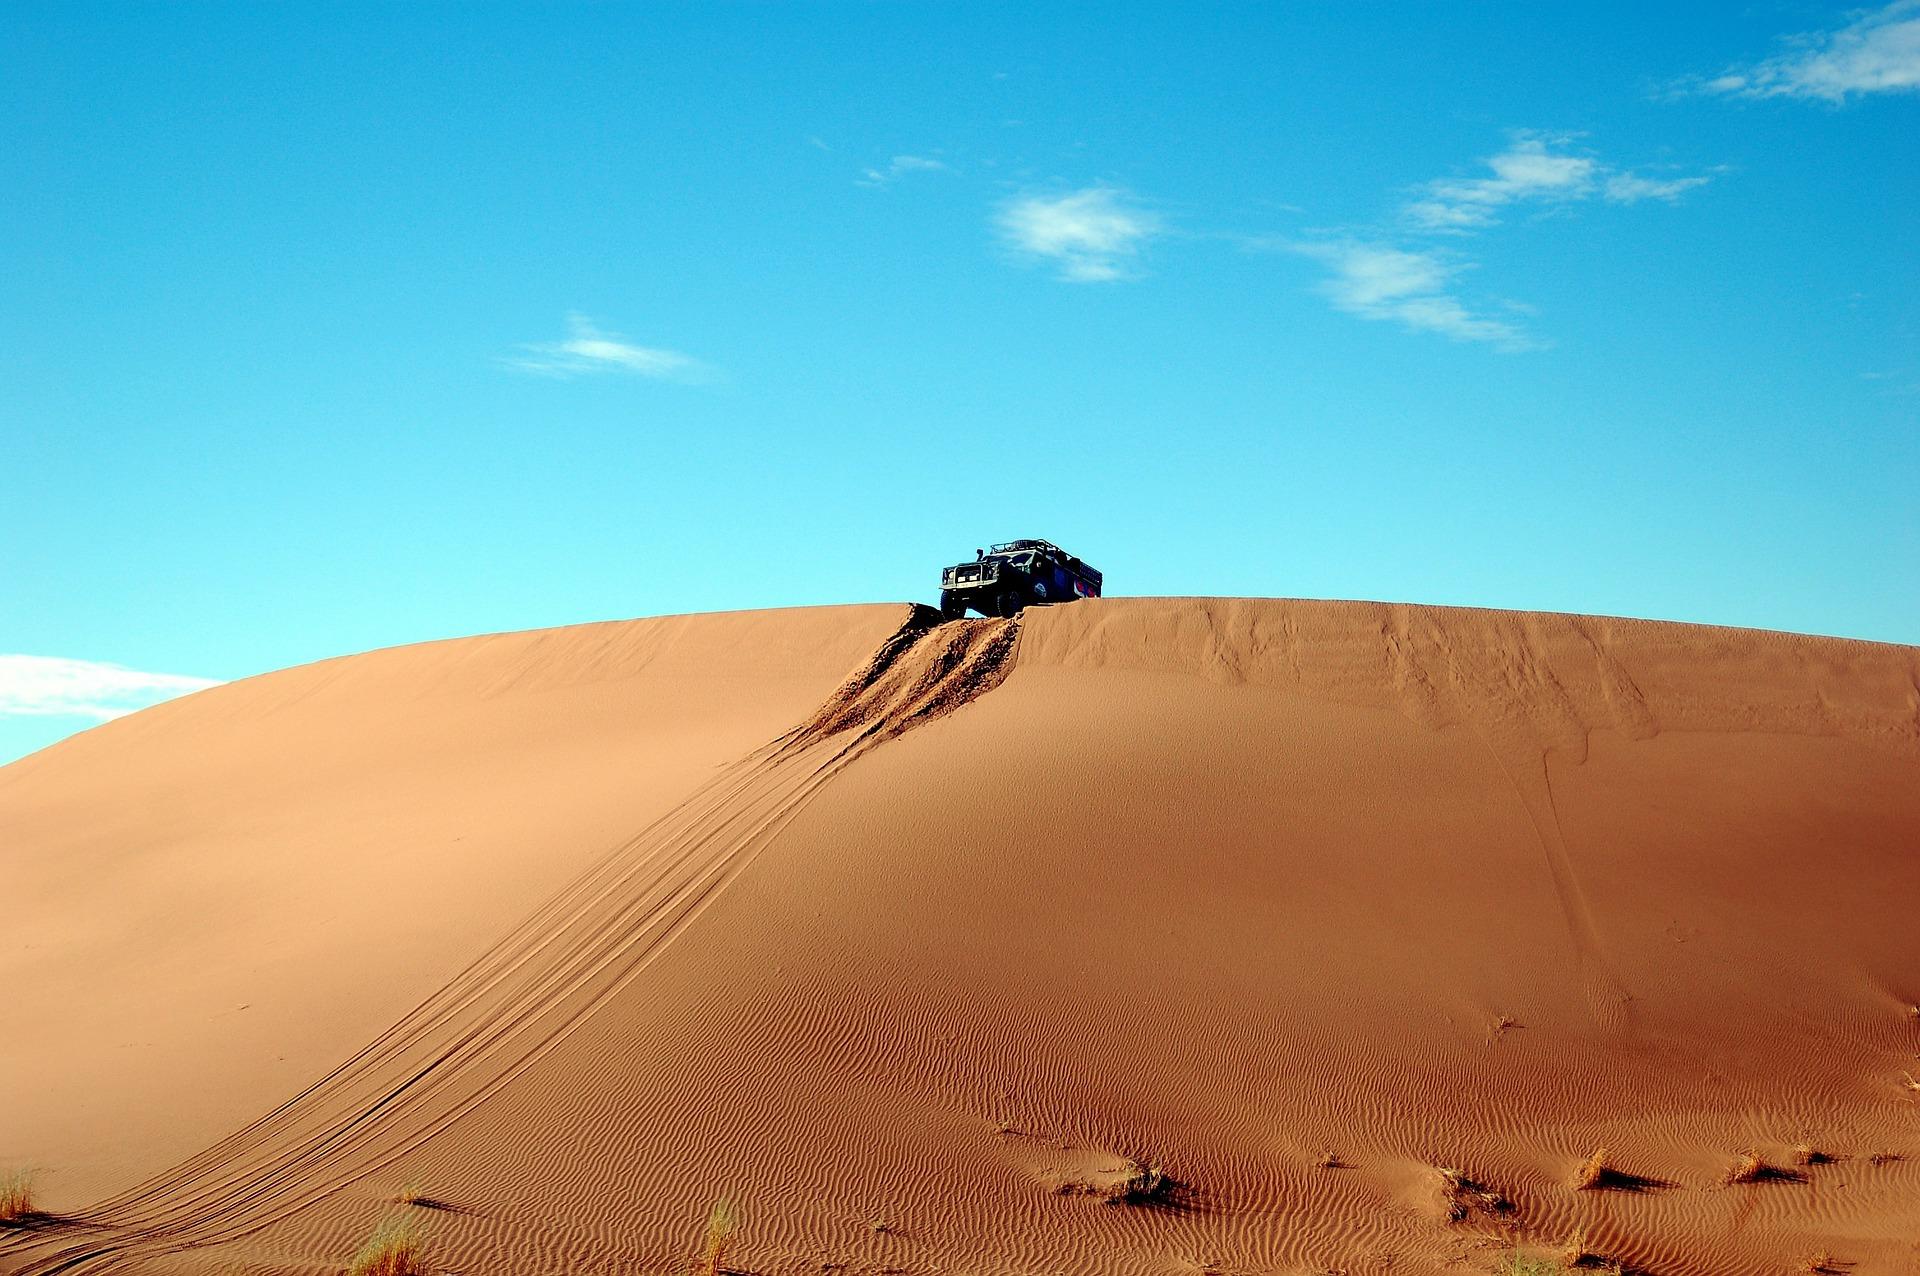 deserto, Duna, Carros, areia, Céu, risco, Azul - Papéis de parede HD - Professor-falken.com